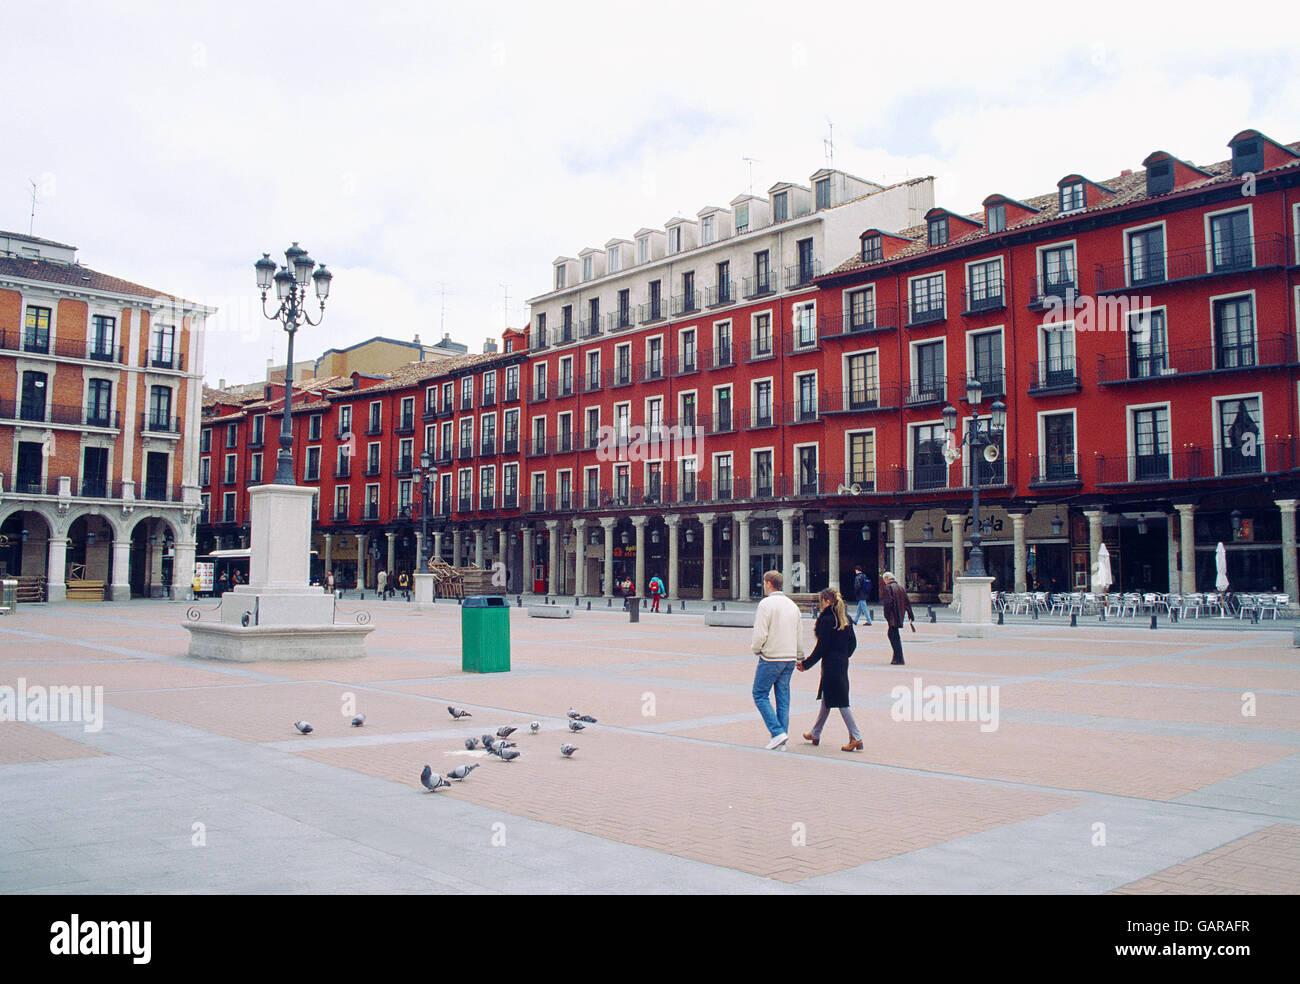 Main Square. Valladolid, Castilla Leon, Spain. - Stock Image